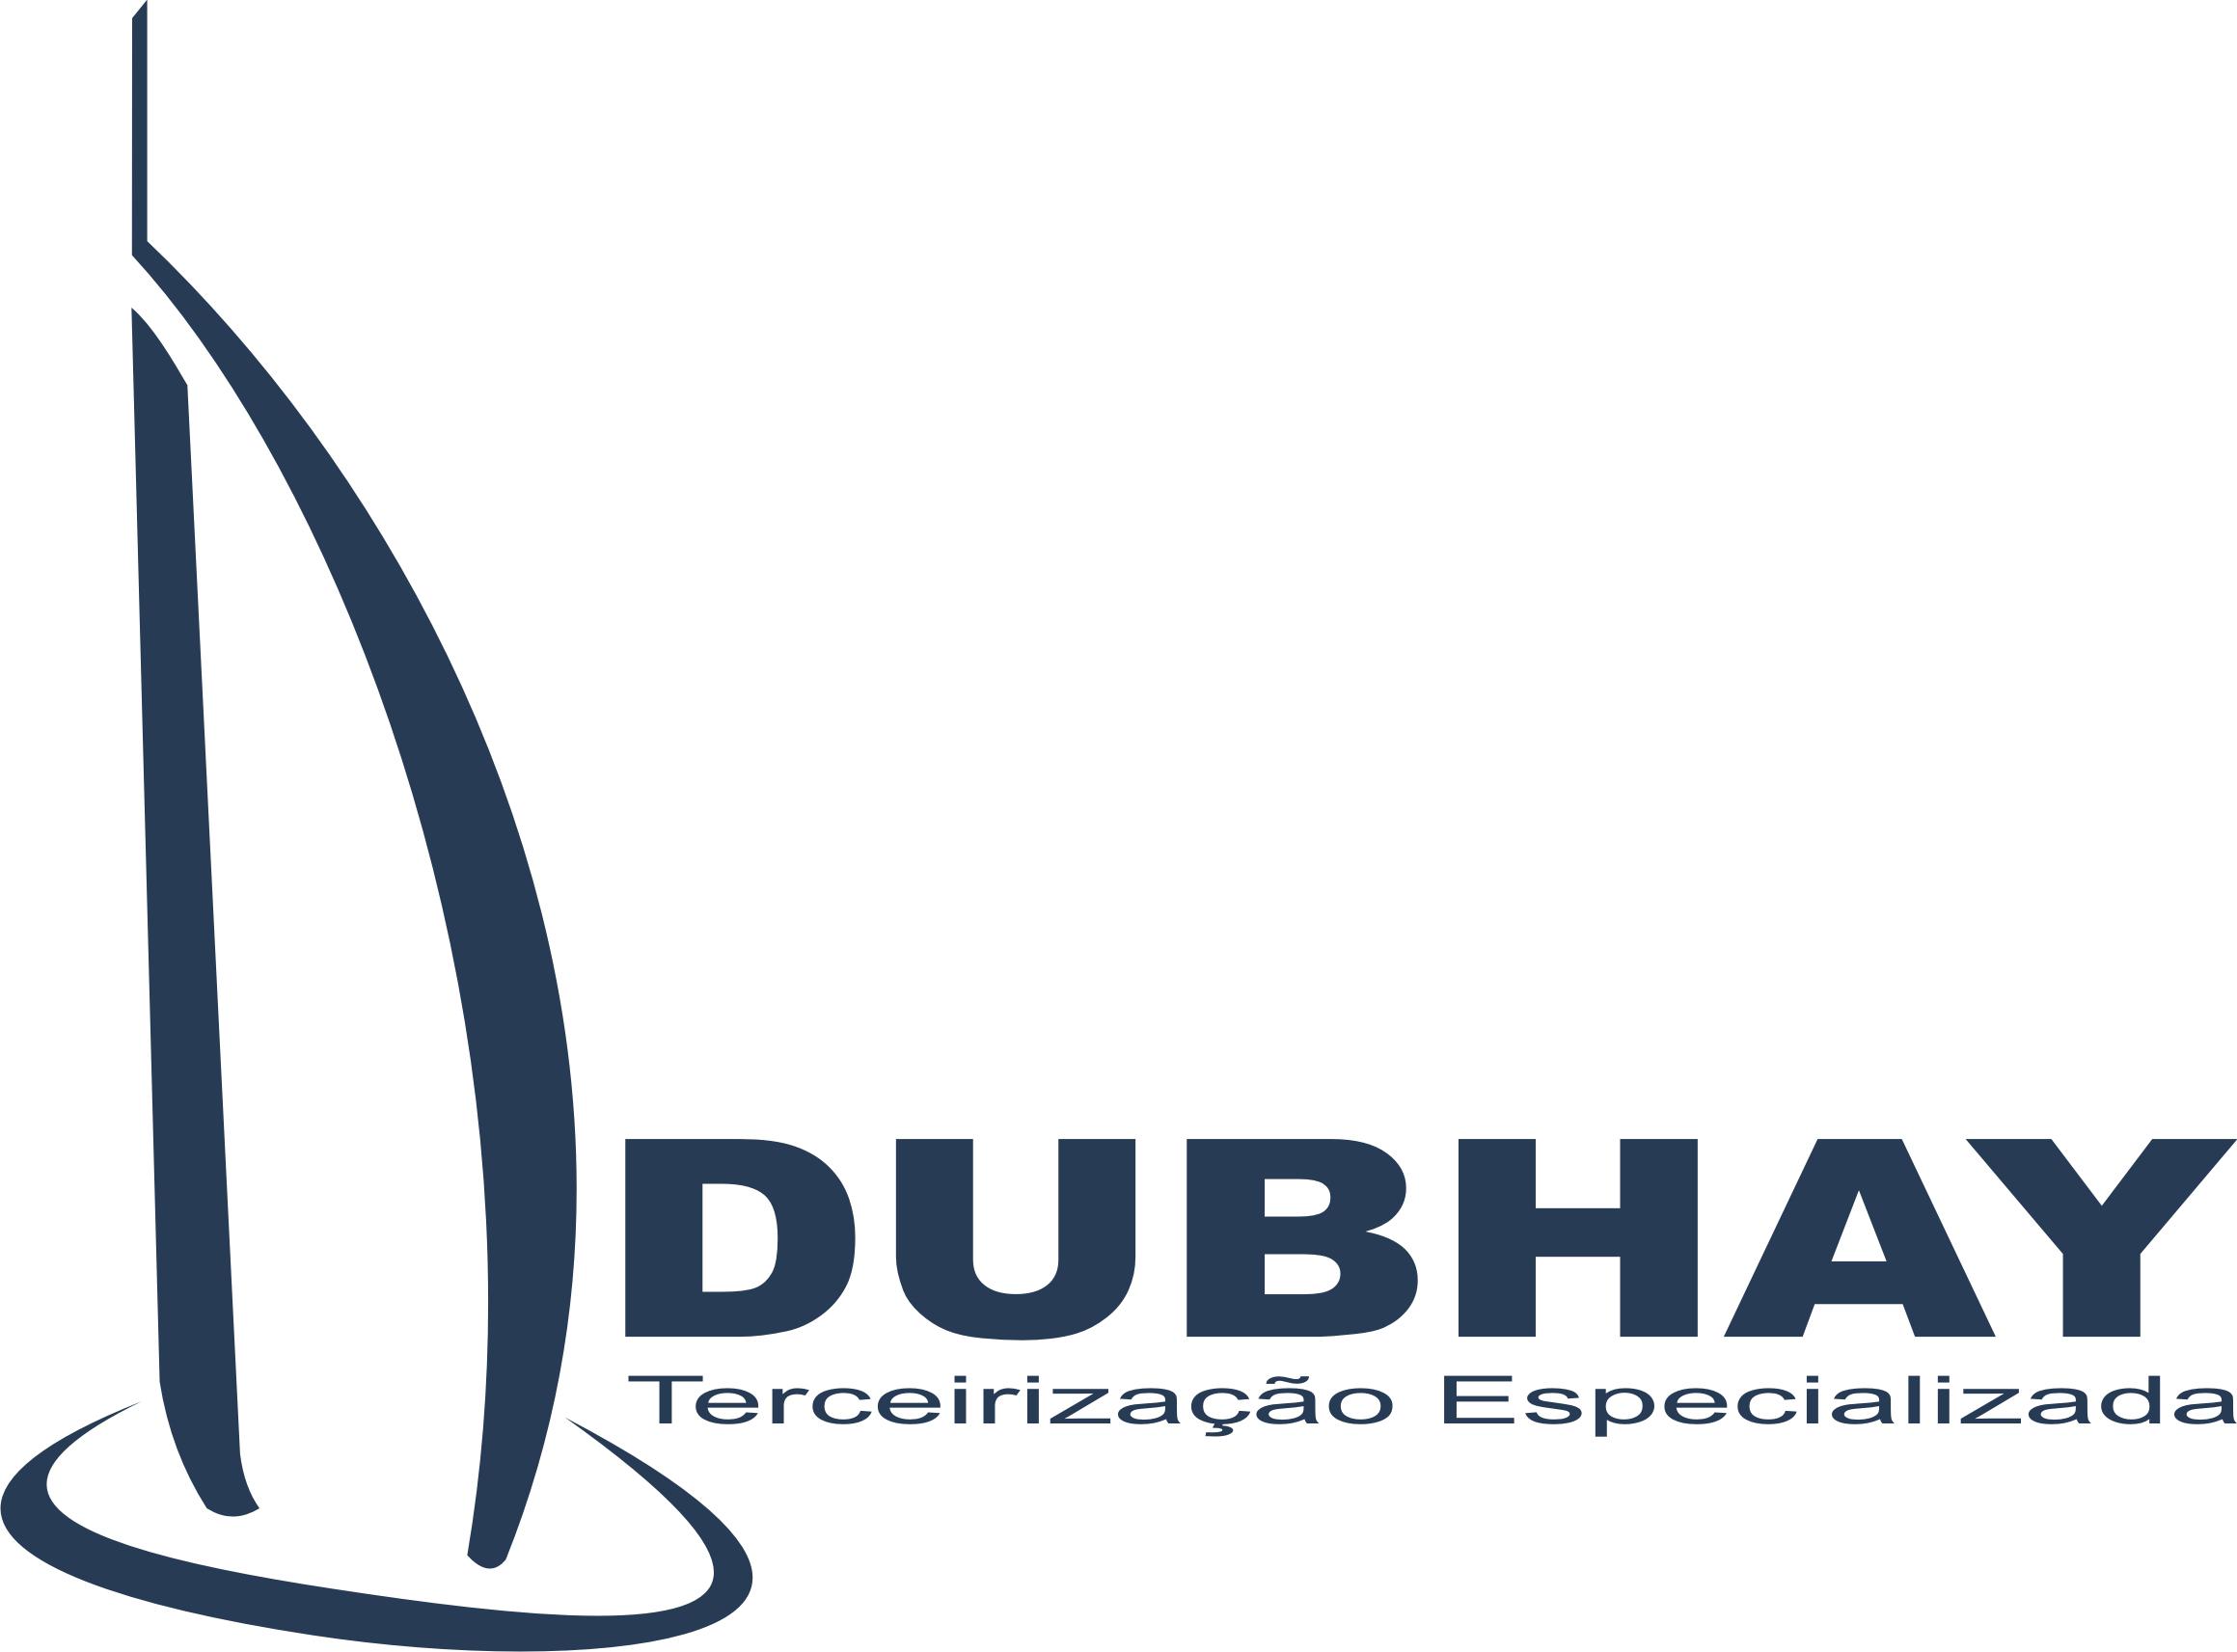 Dubhay